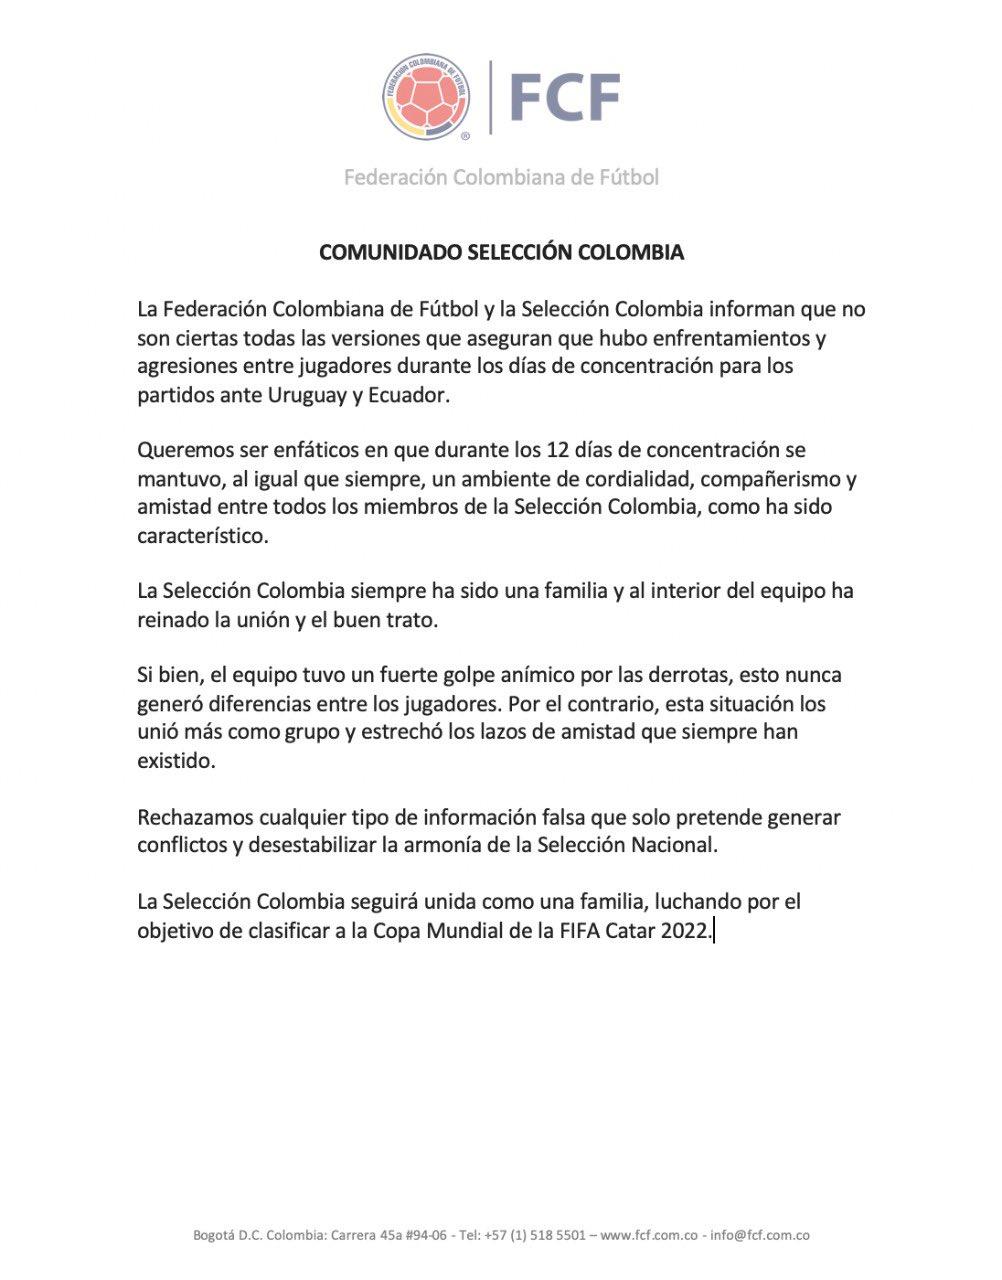 哥伦比亚国家队声明:否认存在斗殴,我们一直很团结